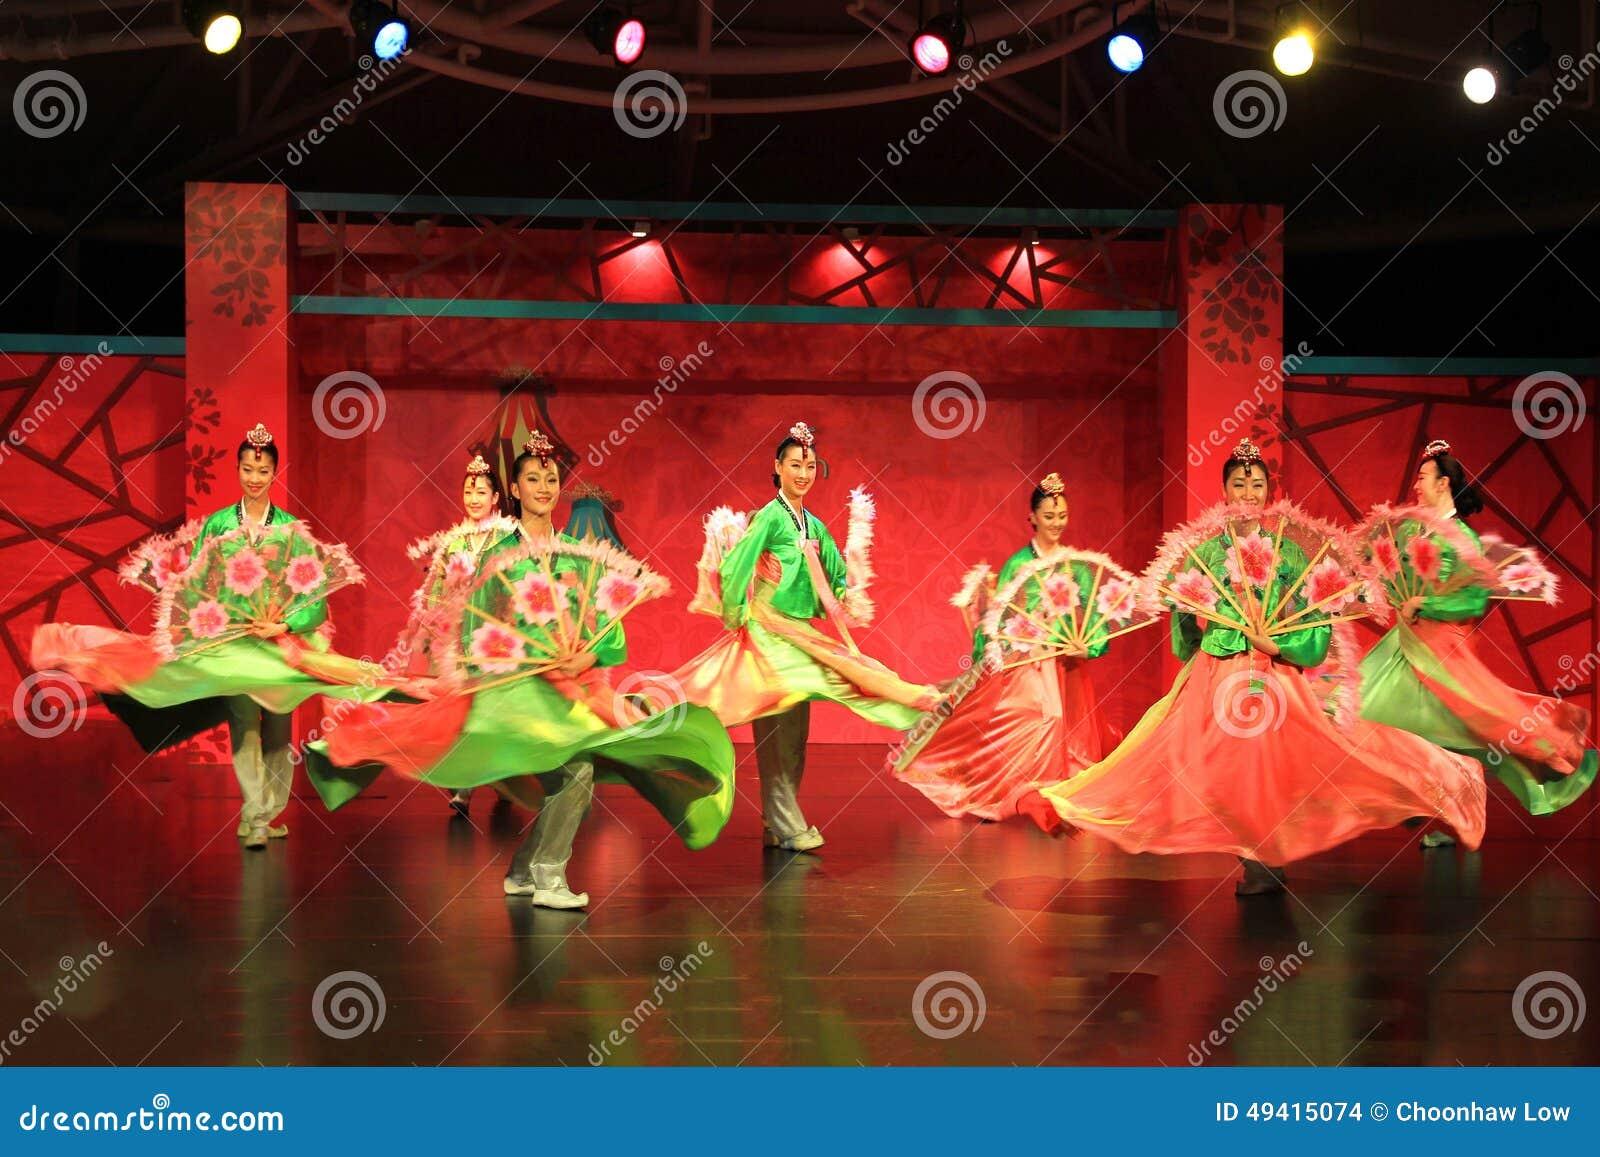 Download Koreanischer Tanz 2 redaktionelles stockbild. Bild von frühling - 49415074